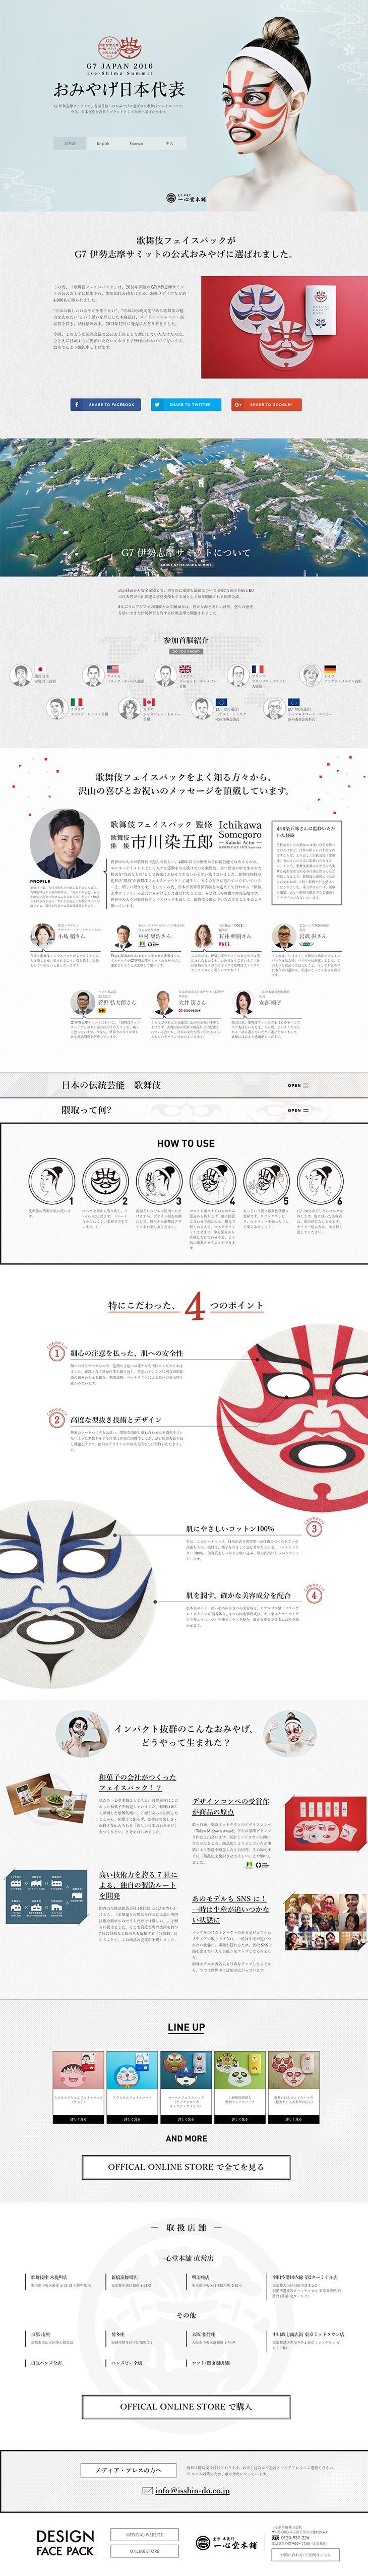 歌舞伎フェイスパック【スキンケア・美容商品関連】のLPデザイン。WEBデザイナーさん必見!ランディングページのデザイン参考に(かっこいい系)